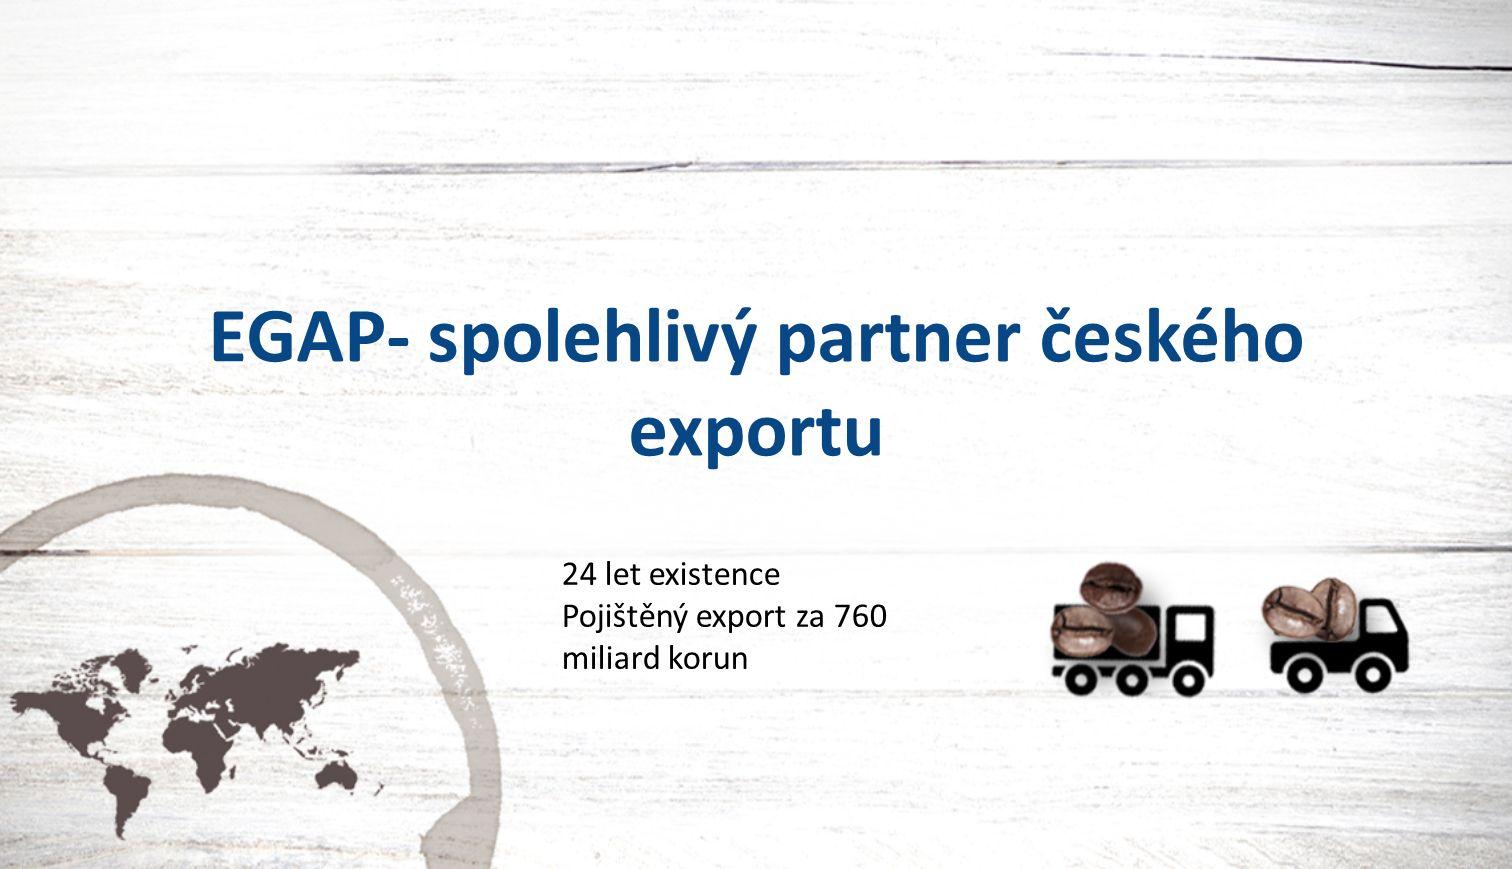 Podpora exportu/EGAP a 24 let pojišťování exportu